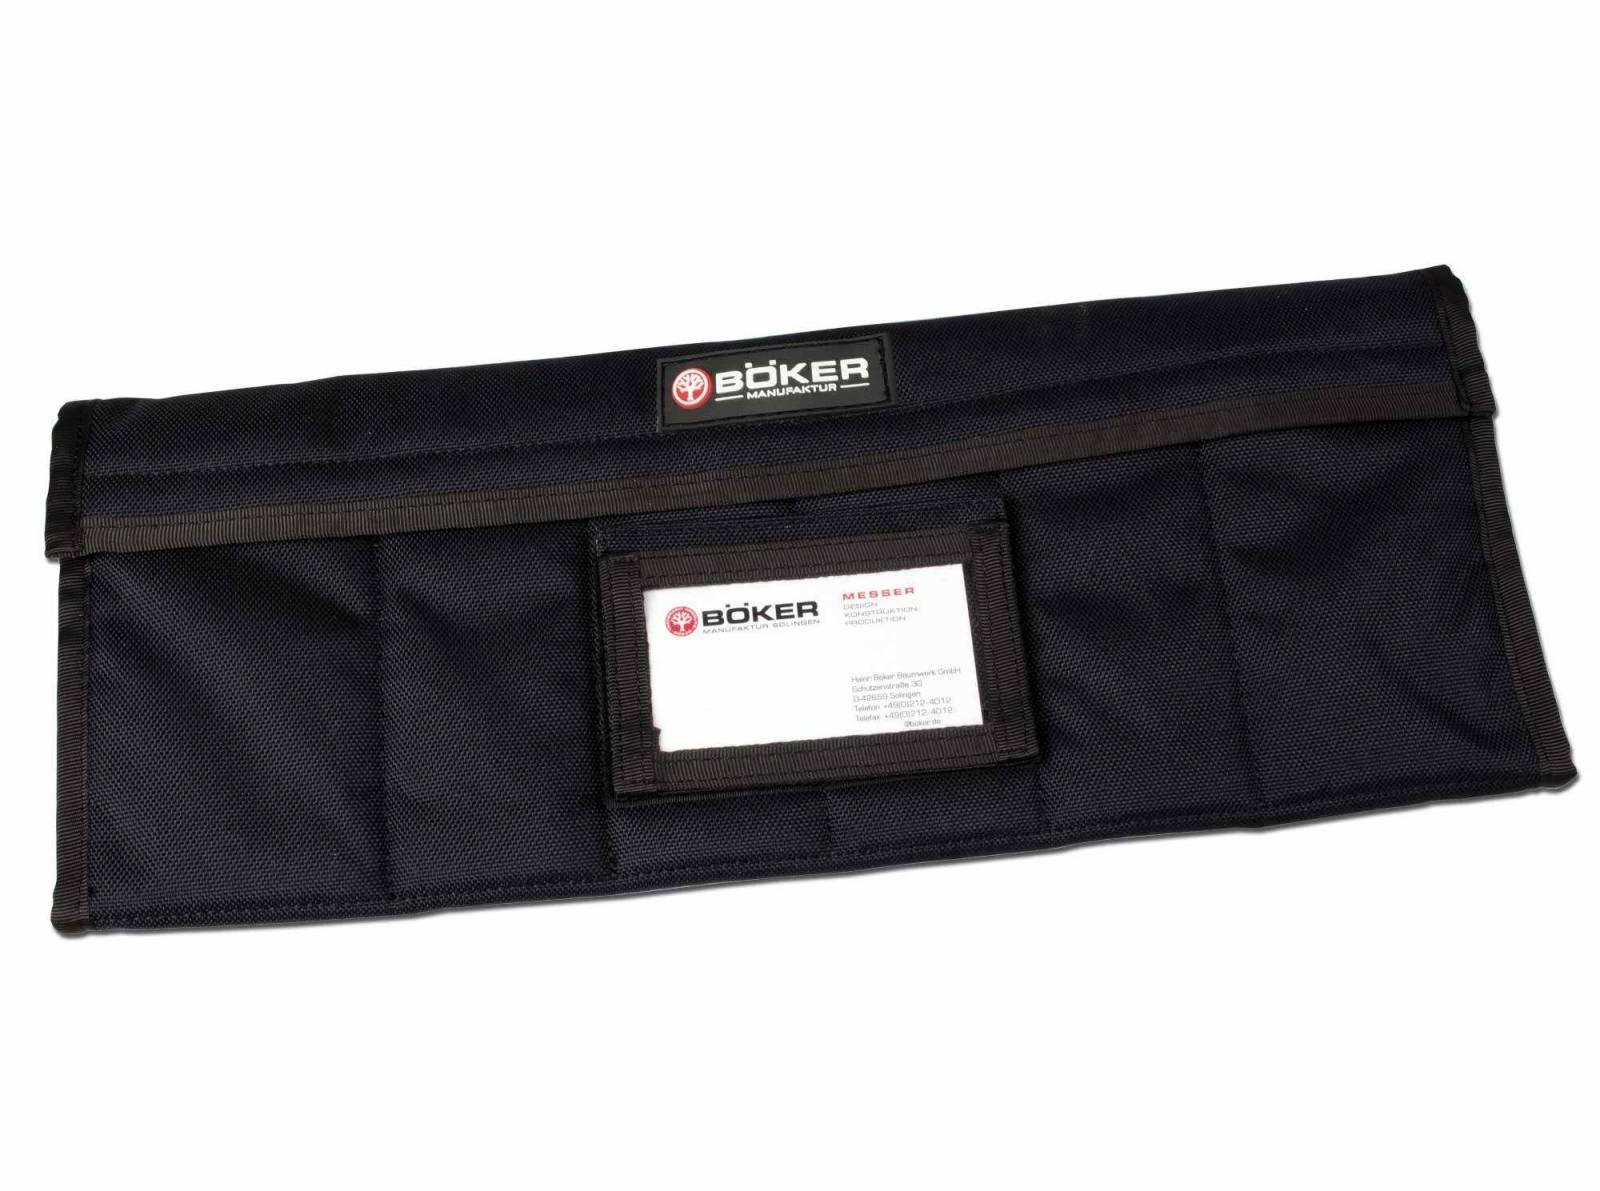 Böker késtartó táska 8955eb41d3